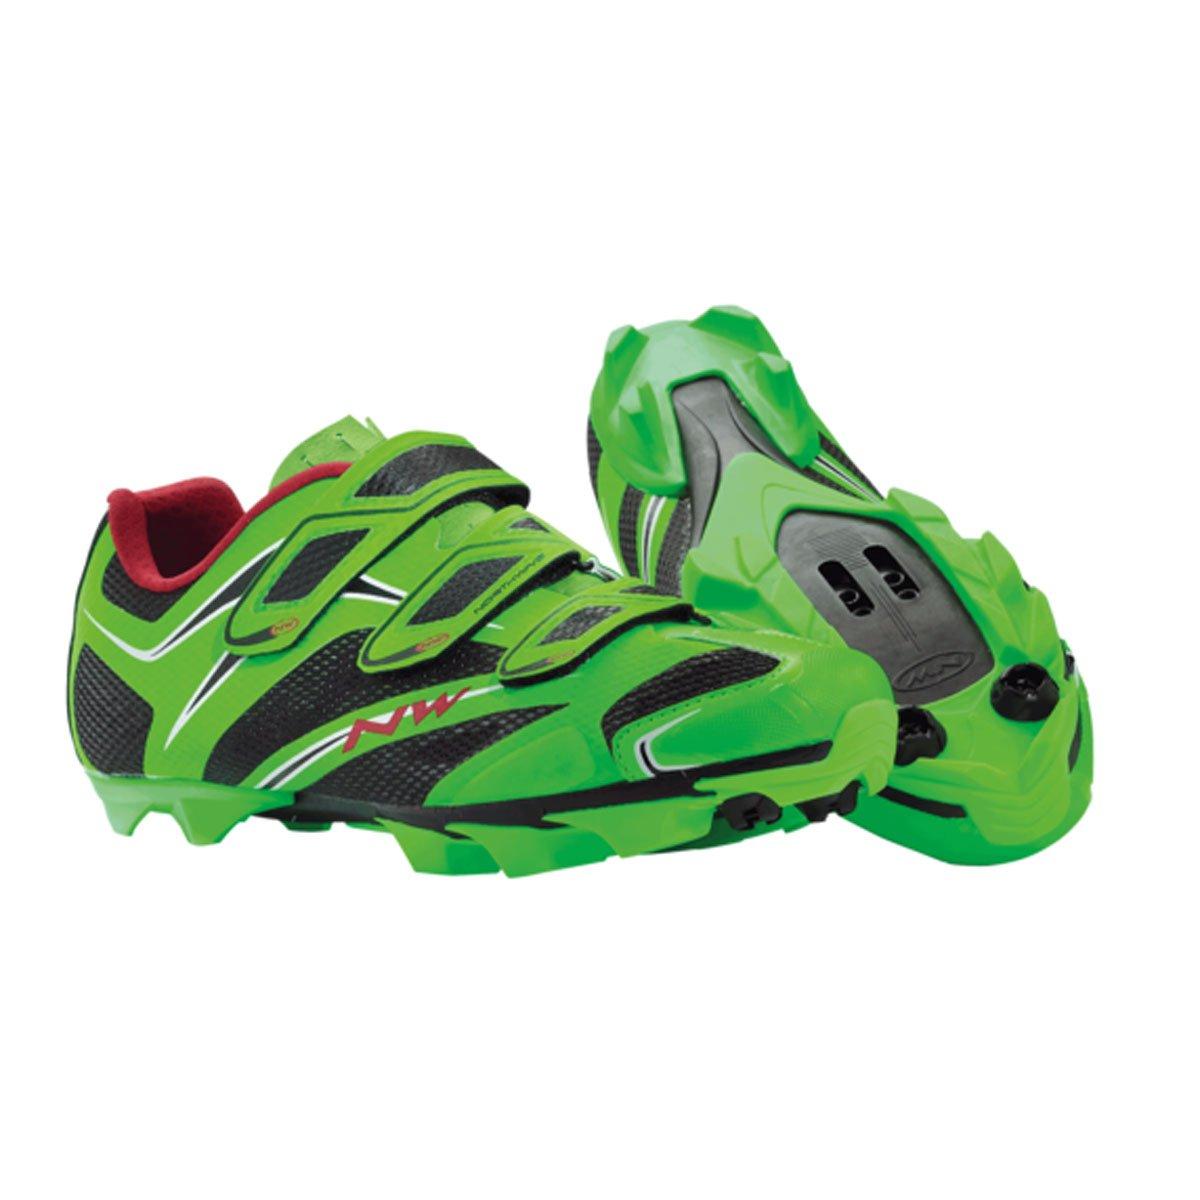 Zapatillas MTB Northwave Scorpius 3S Verde Fluo 2014: Amazon.es: Deportes y aire libre